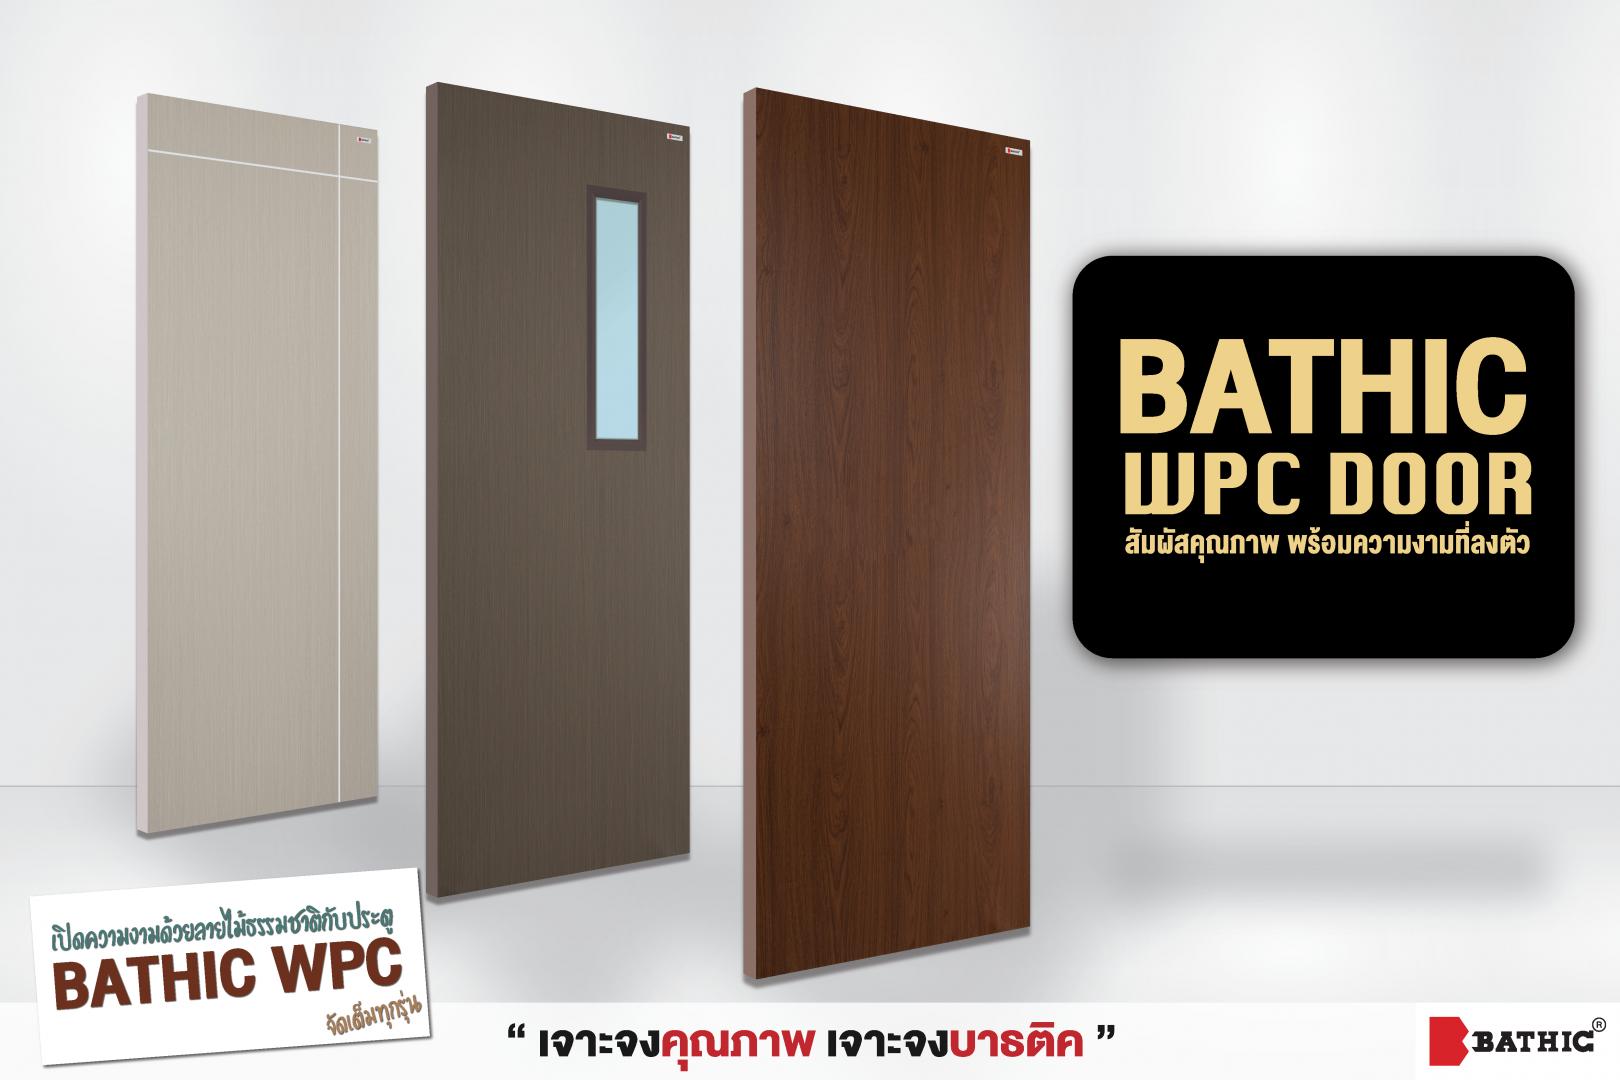 Bathic_ประตูBathic WPC